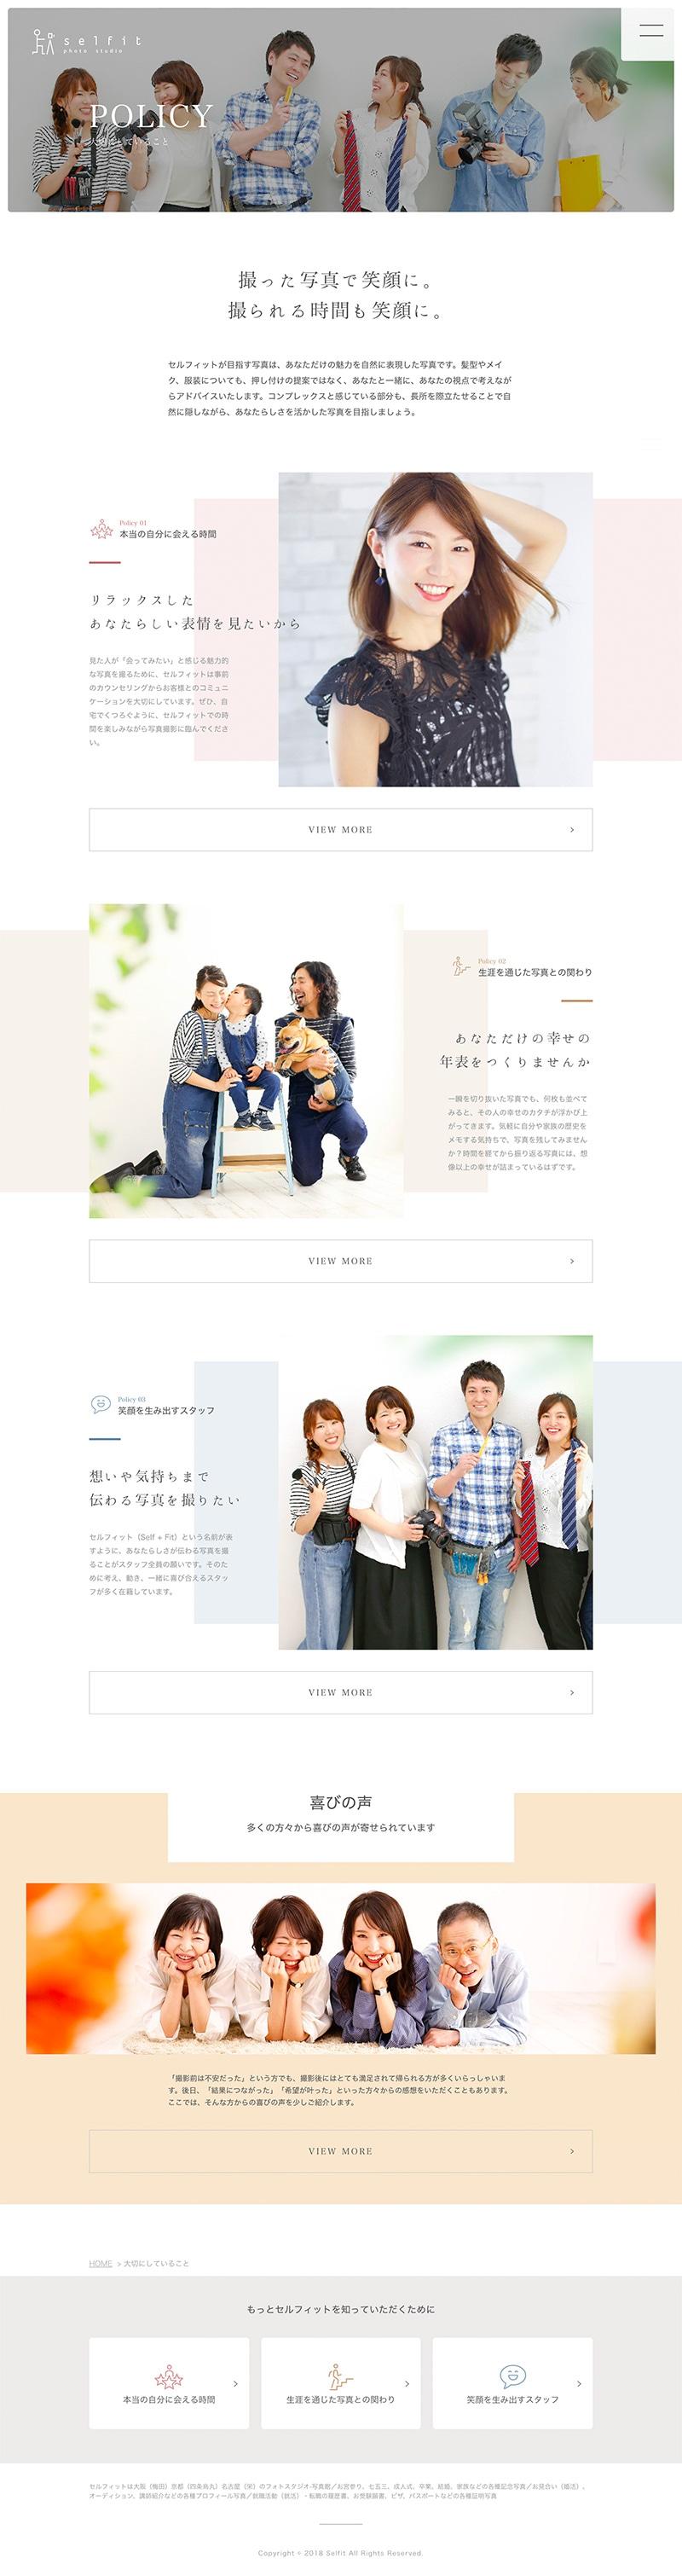 株式会社セルフィット様・Webサイトリニューアル